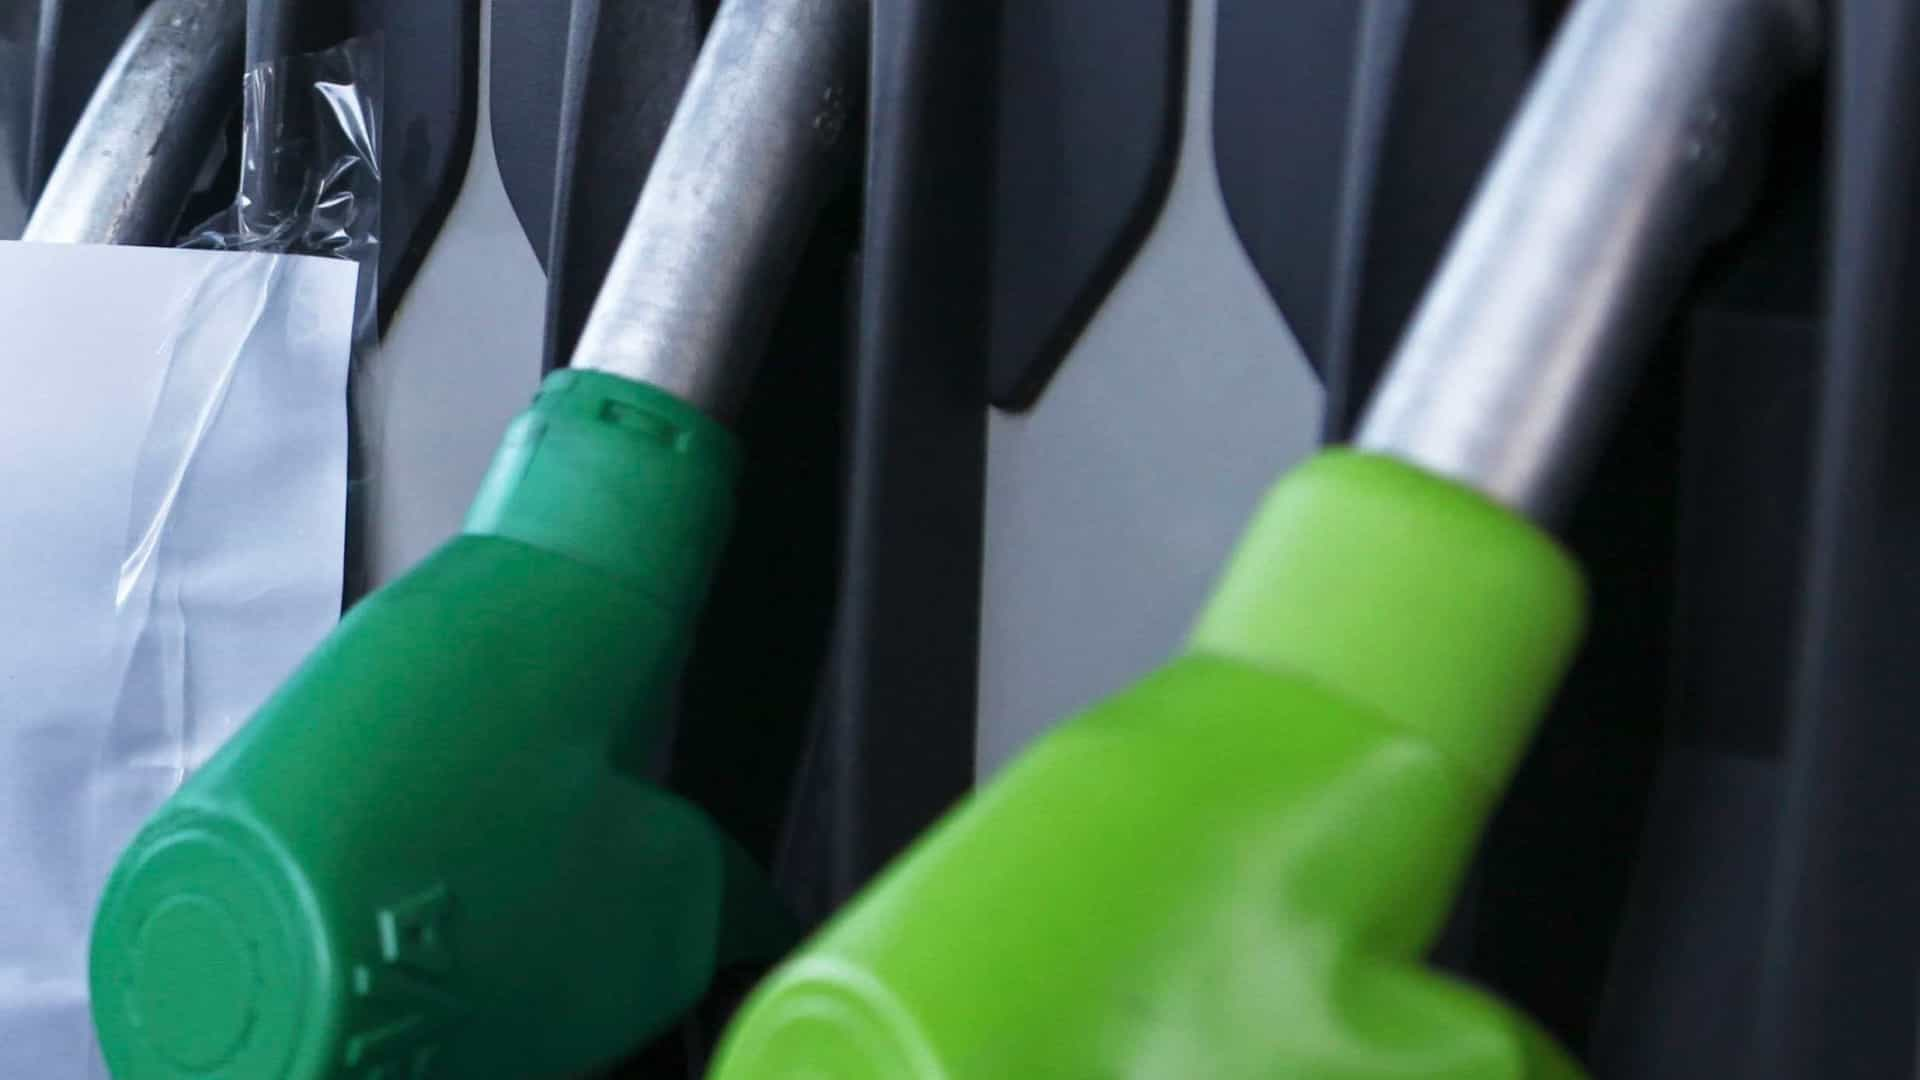 ISP desce hoje 2 cêntimos por litro na gasolina e 1 cêntimo no gasóleo